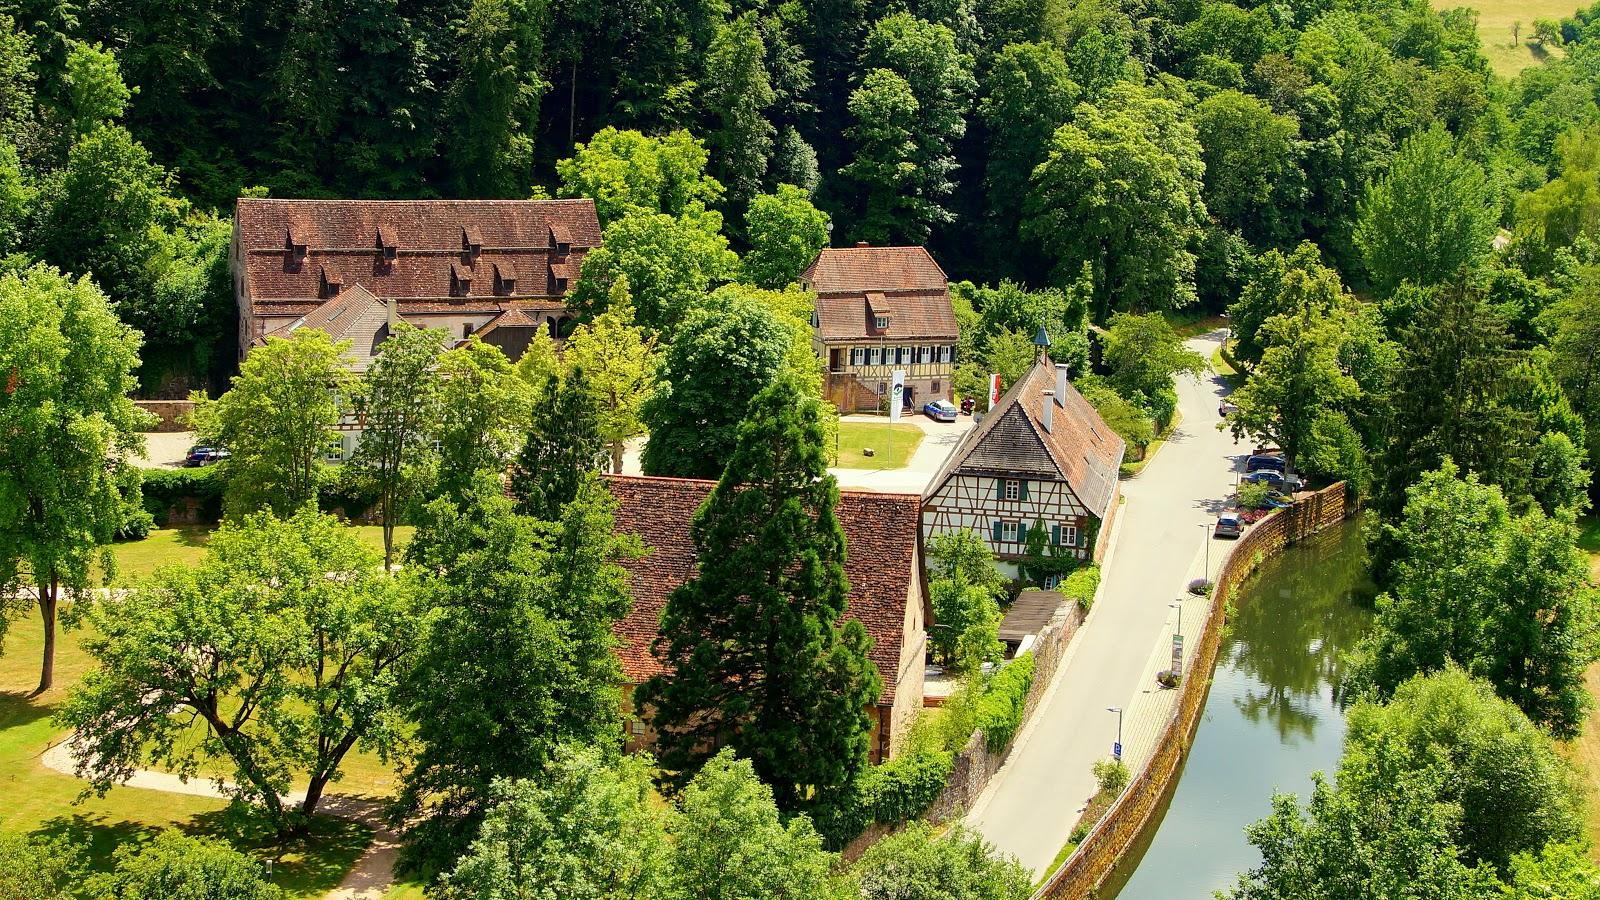 Du siehst das Kloster Maria Reuthin in Wildberg